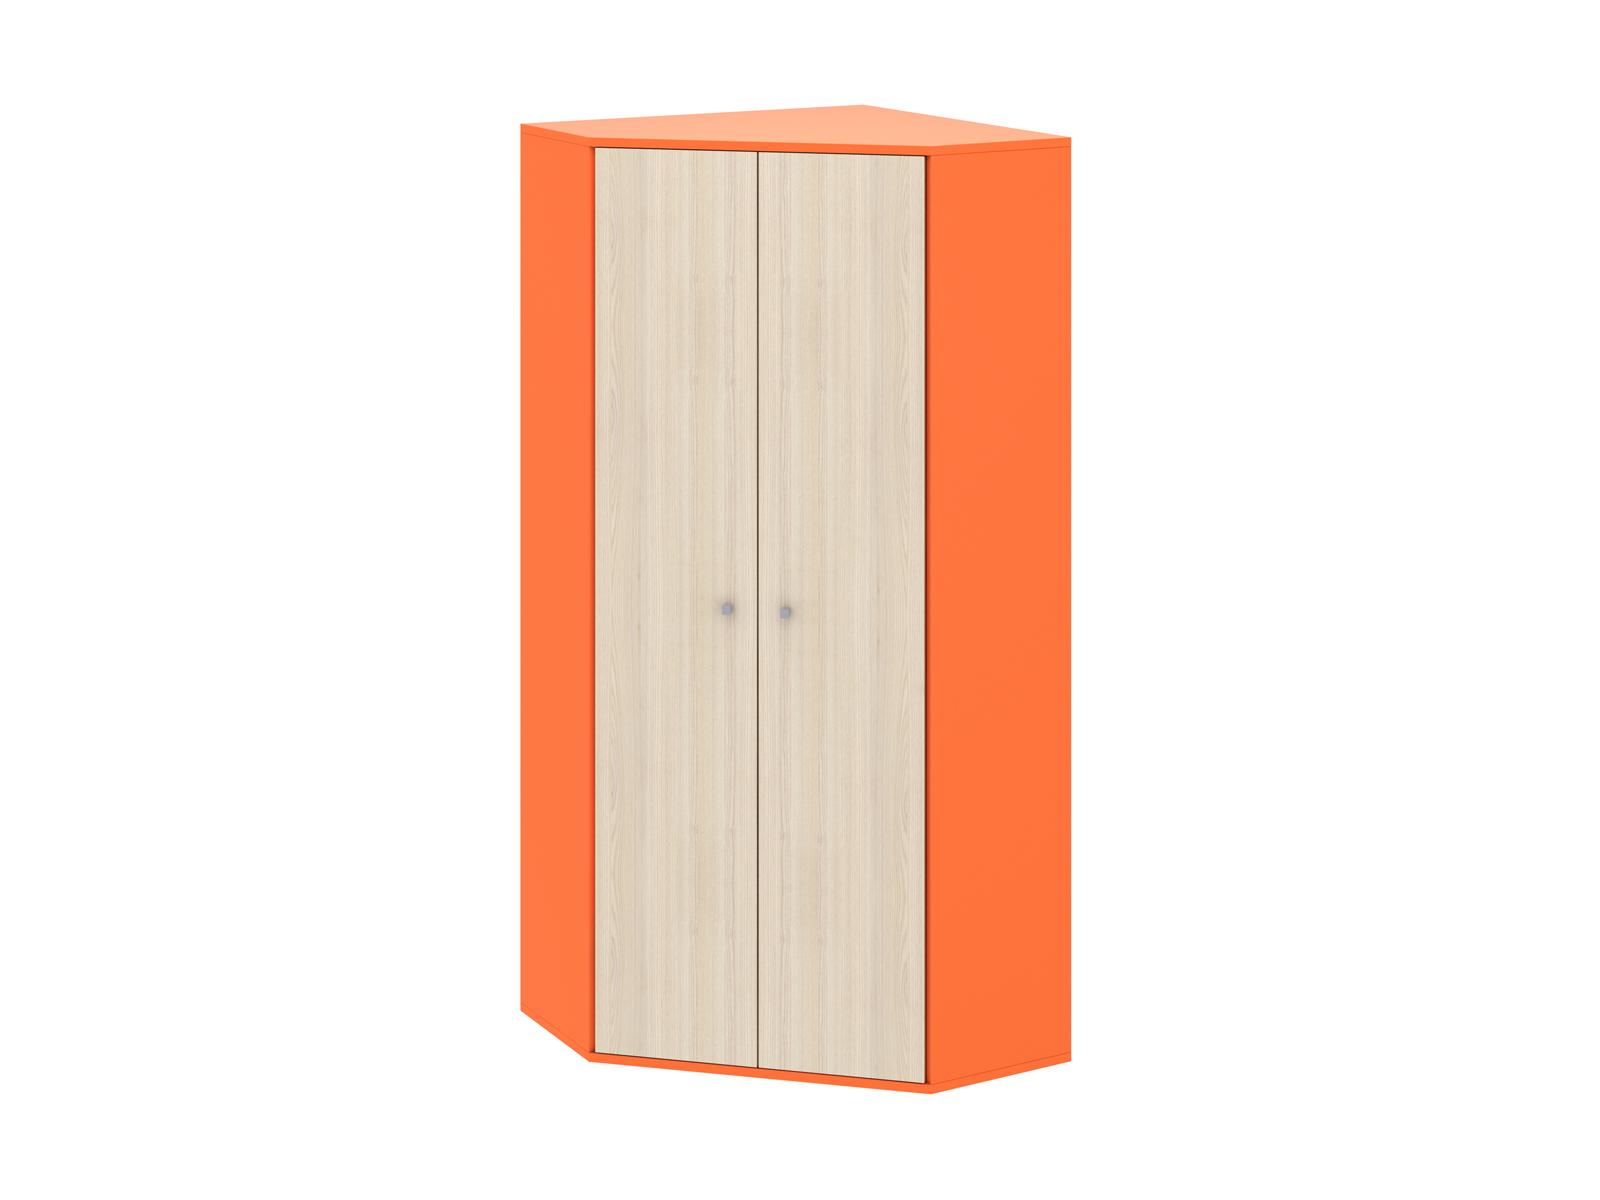 Шкаф PinokkioШкафы<br>Шкаф угловой двухдверный имеет три отделения. Отделение со штангой для одежды, отделение с полками для белья, а также вместительную антресоль.<br>